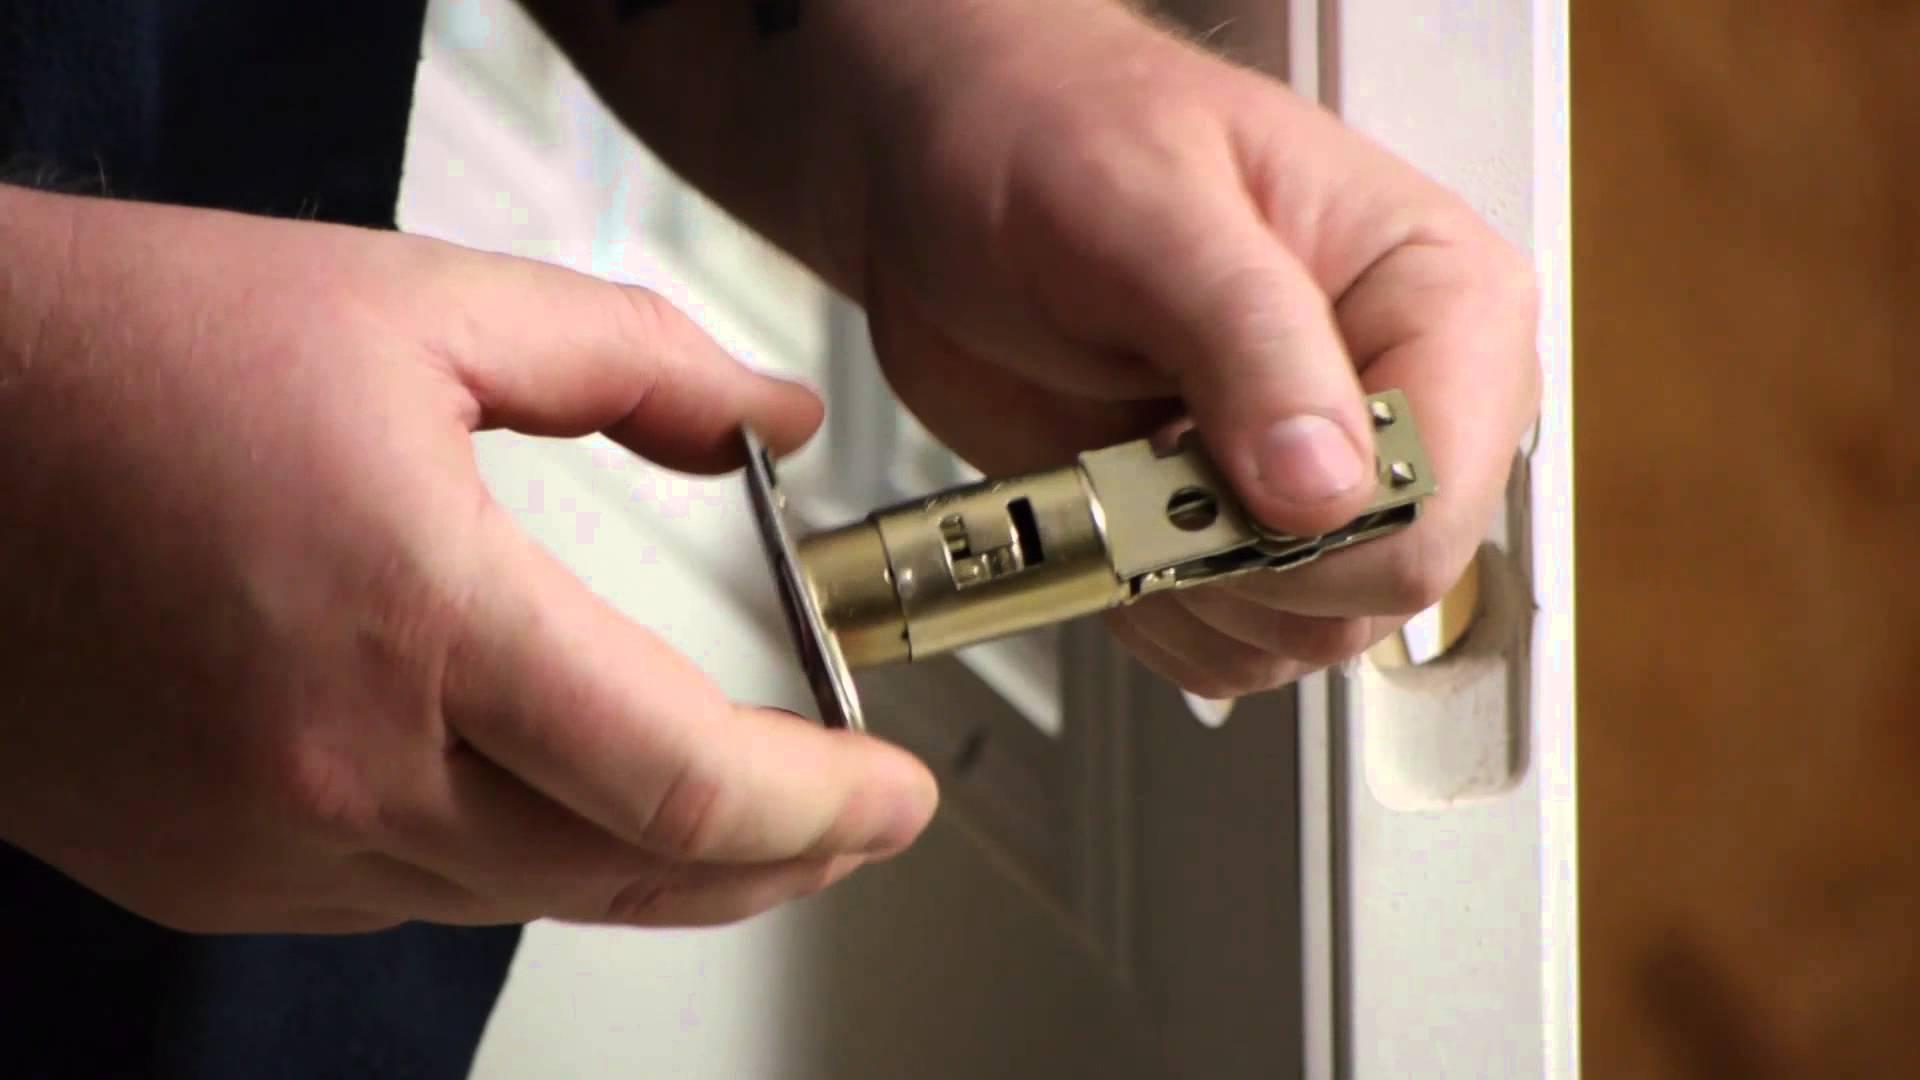 Deber a cambiar mis cerraduras tras comprar una casa - Cambiar una casa por otra ...